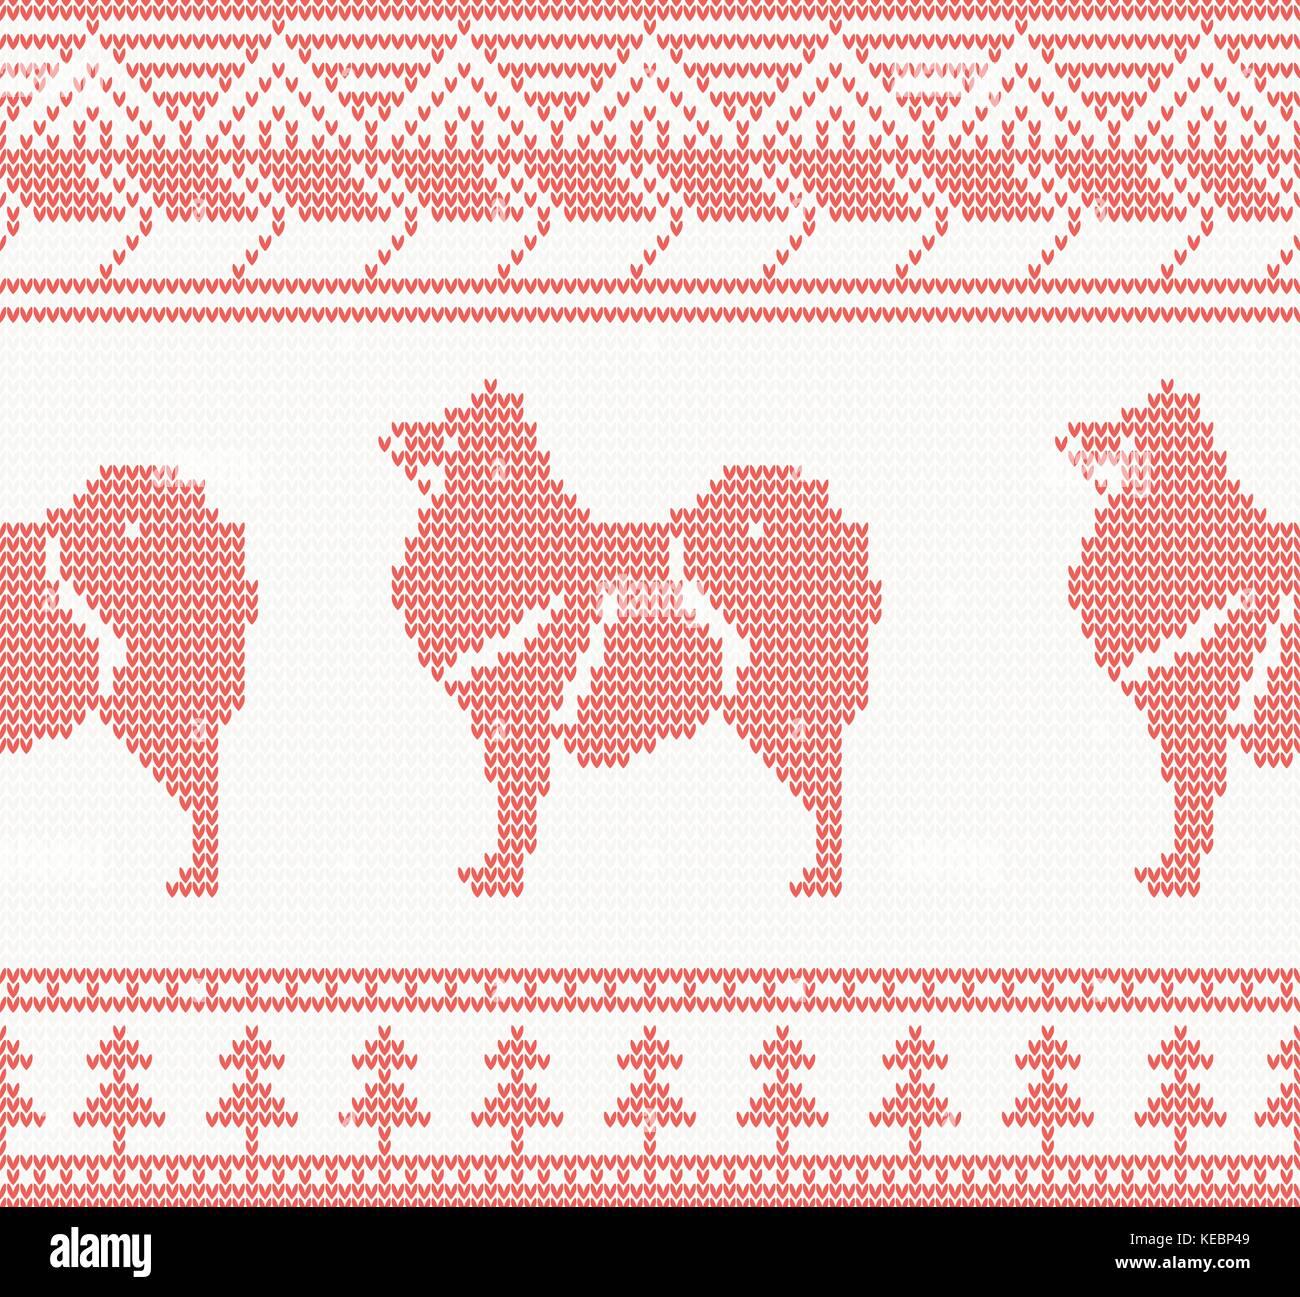 Perro tejidas patrón sin costuras en color rojo. ilustración ...